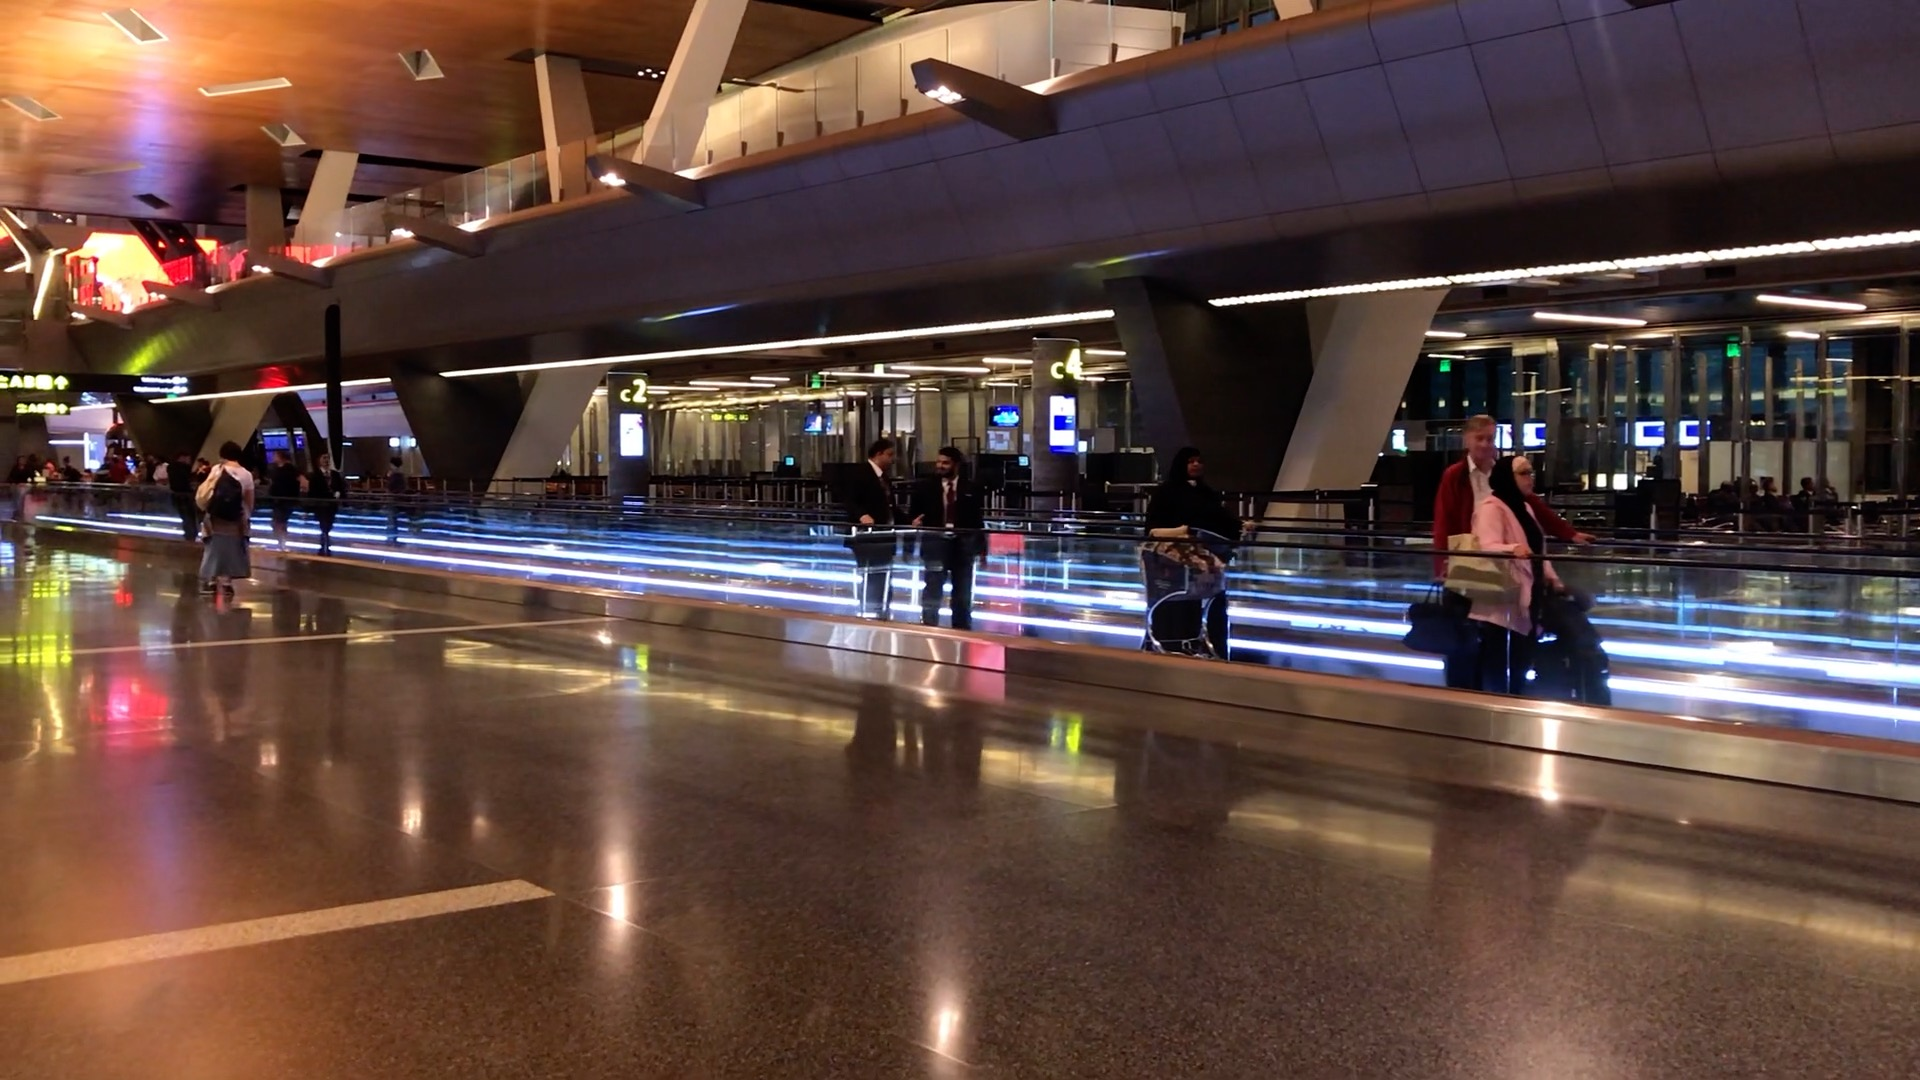 Aeroporto de Doha Qatar